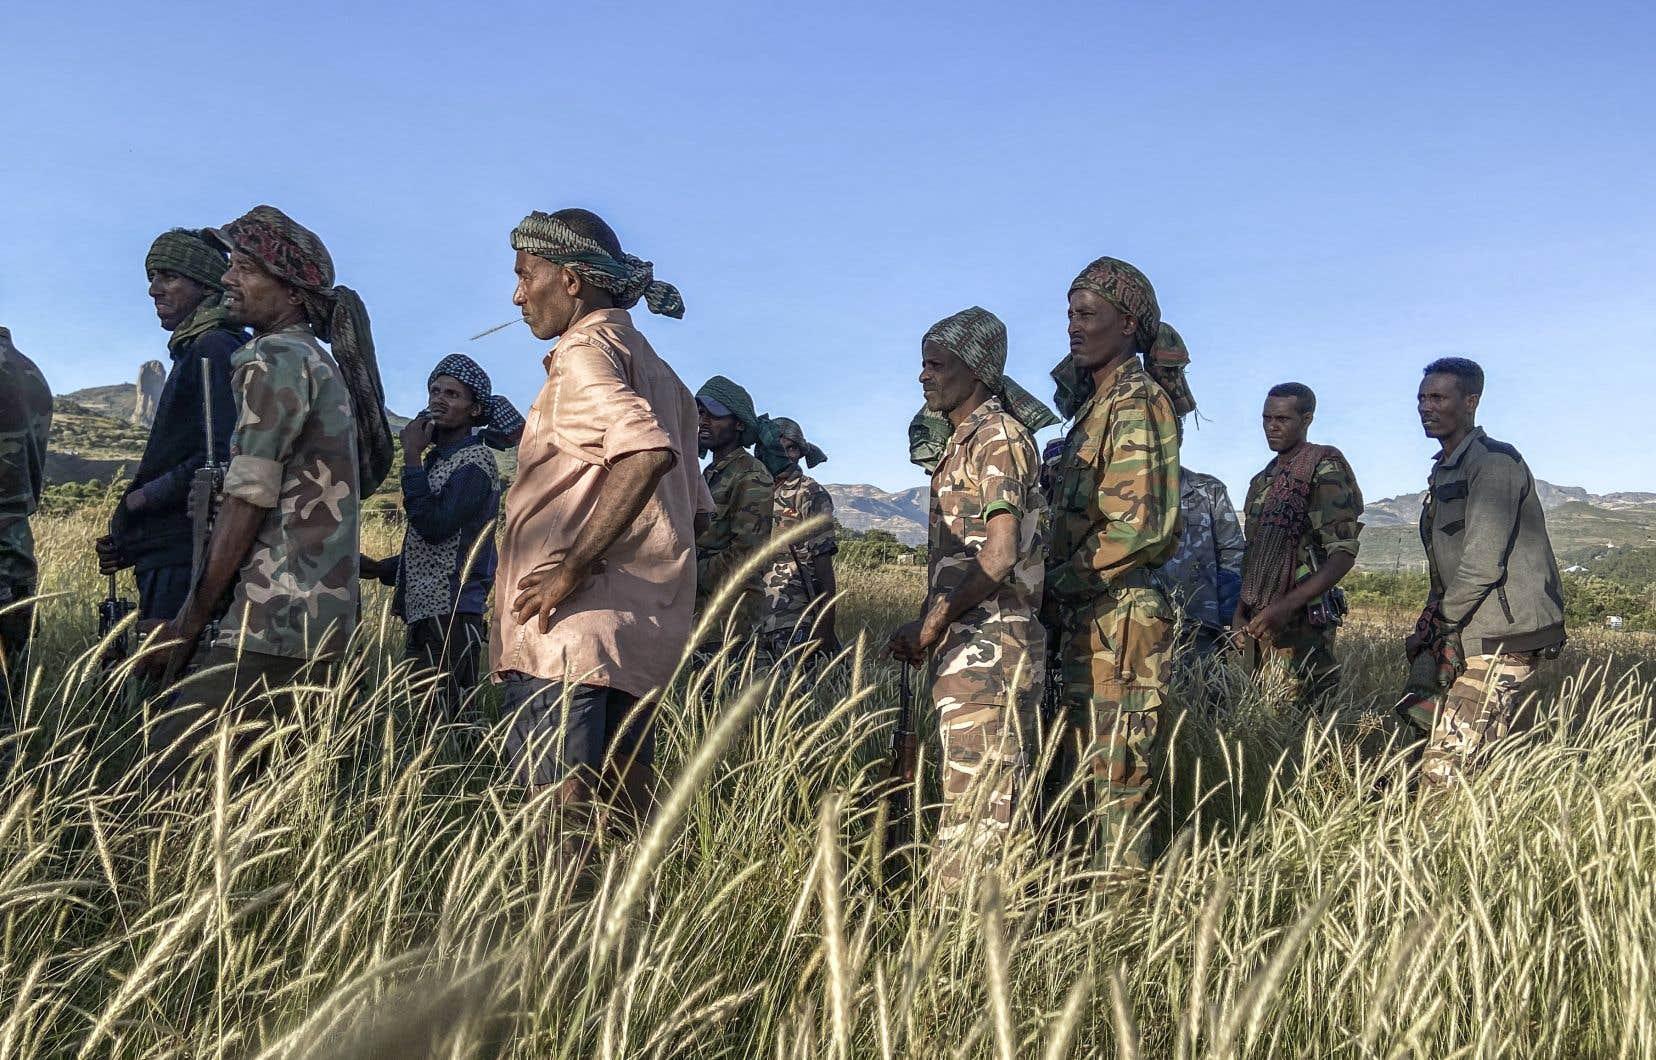 La télévision officielle tigréenne a affirmé de son côté que 10000 soldats de l'armée éthiopienne ont été capturés et que des villes qui étaient «aux mains» du pouvoir ont été reprises.